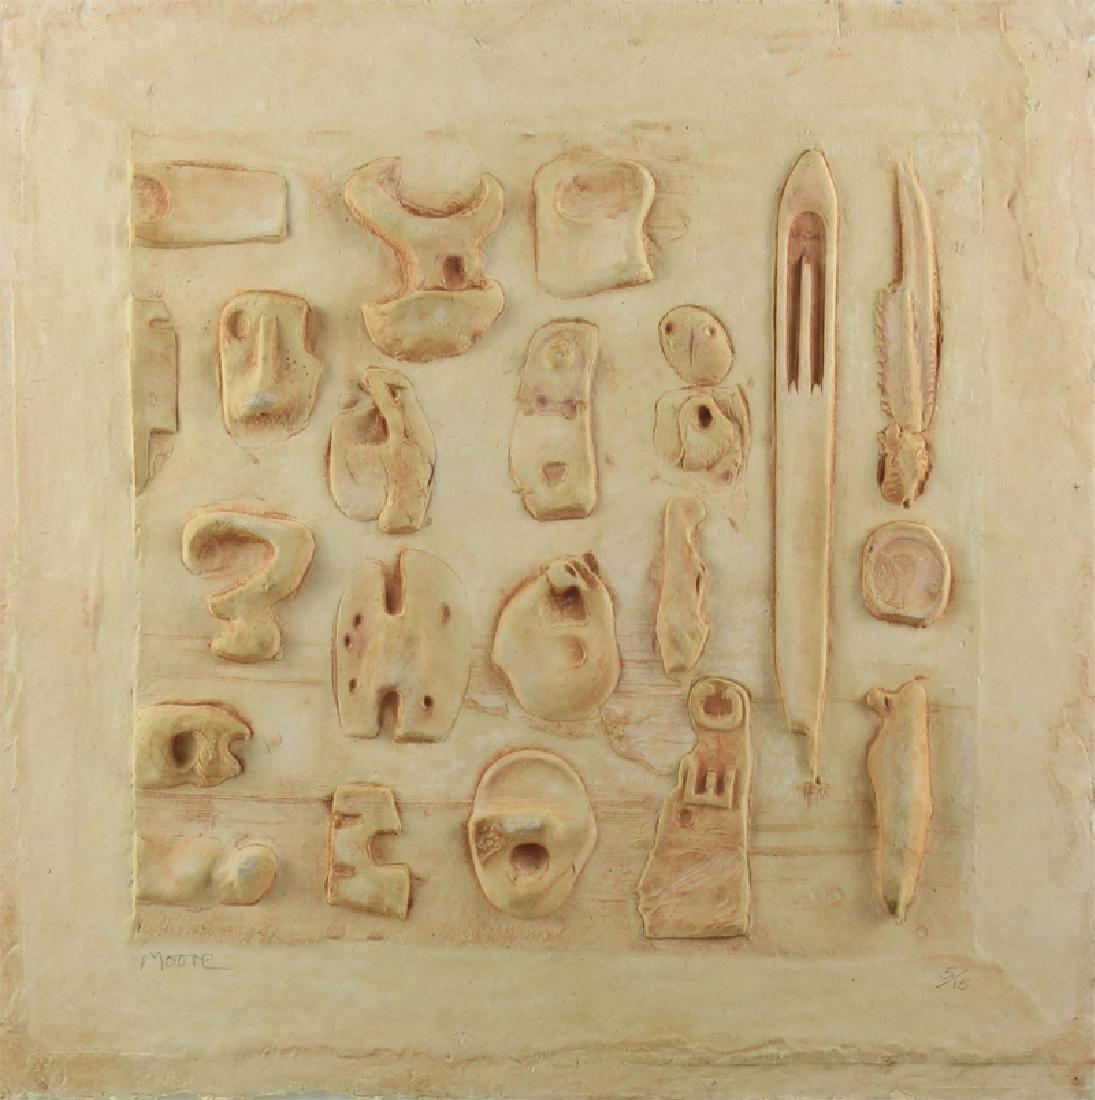 Henry Moore (1898-1986) British